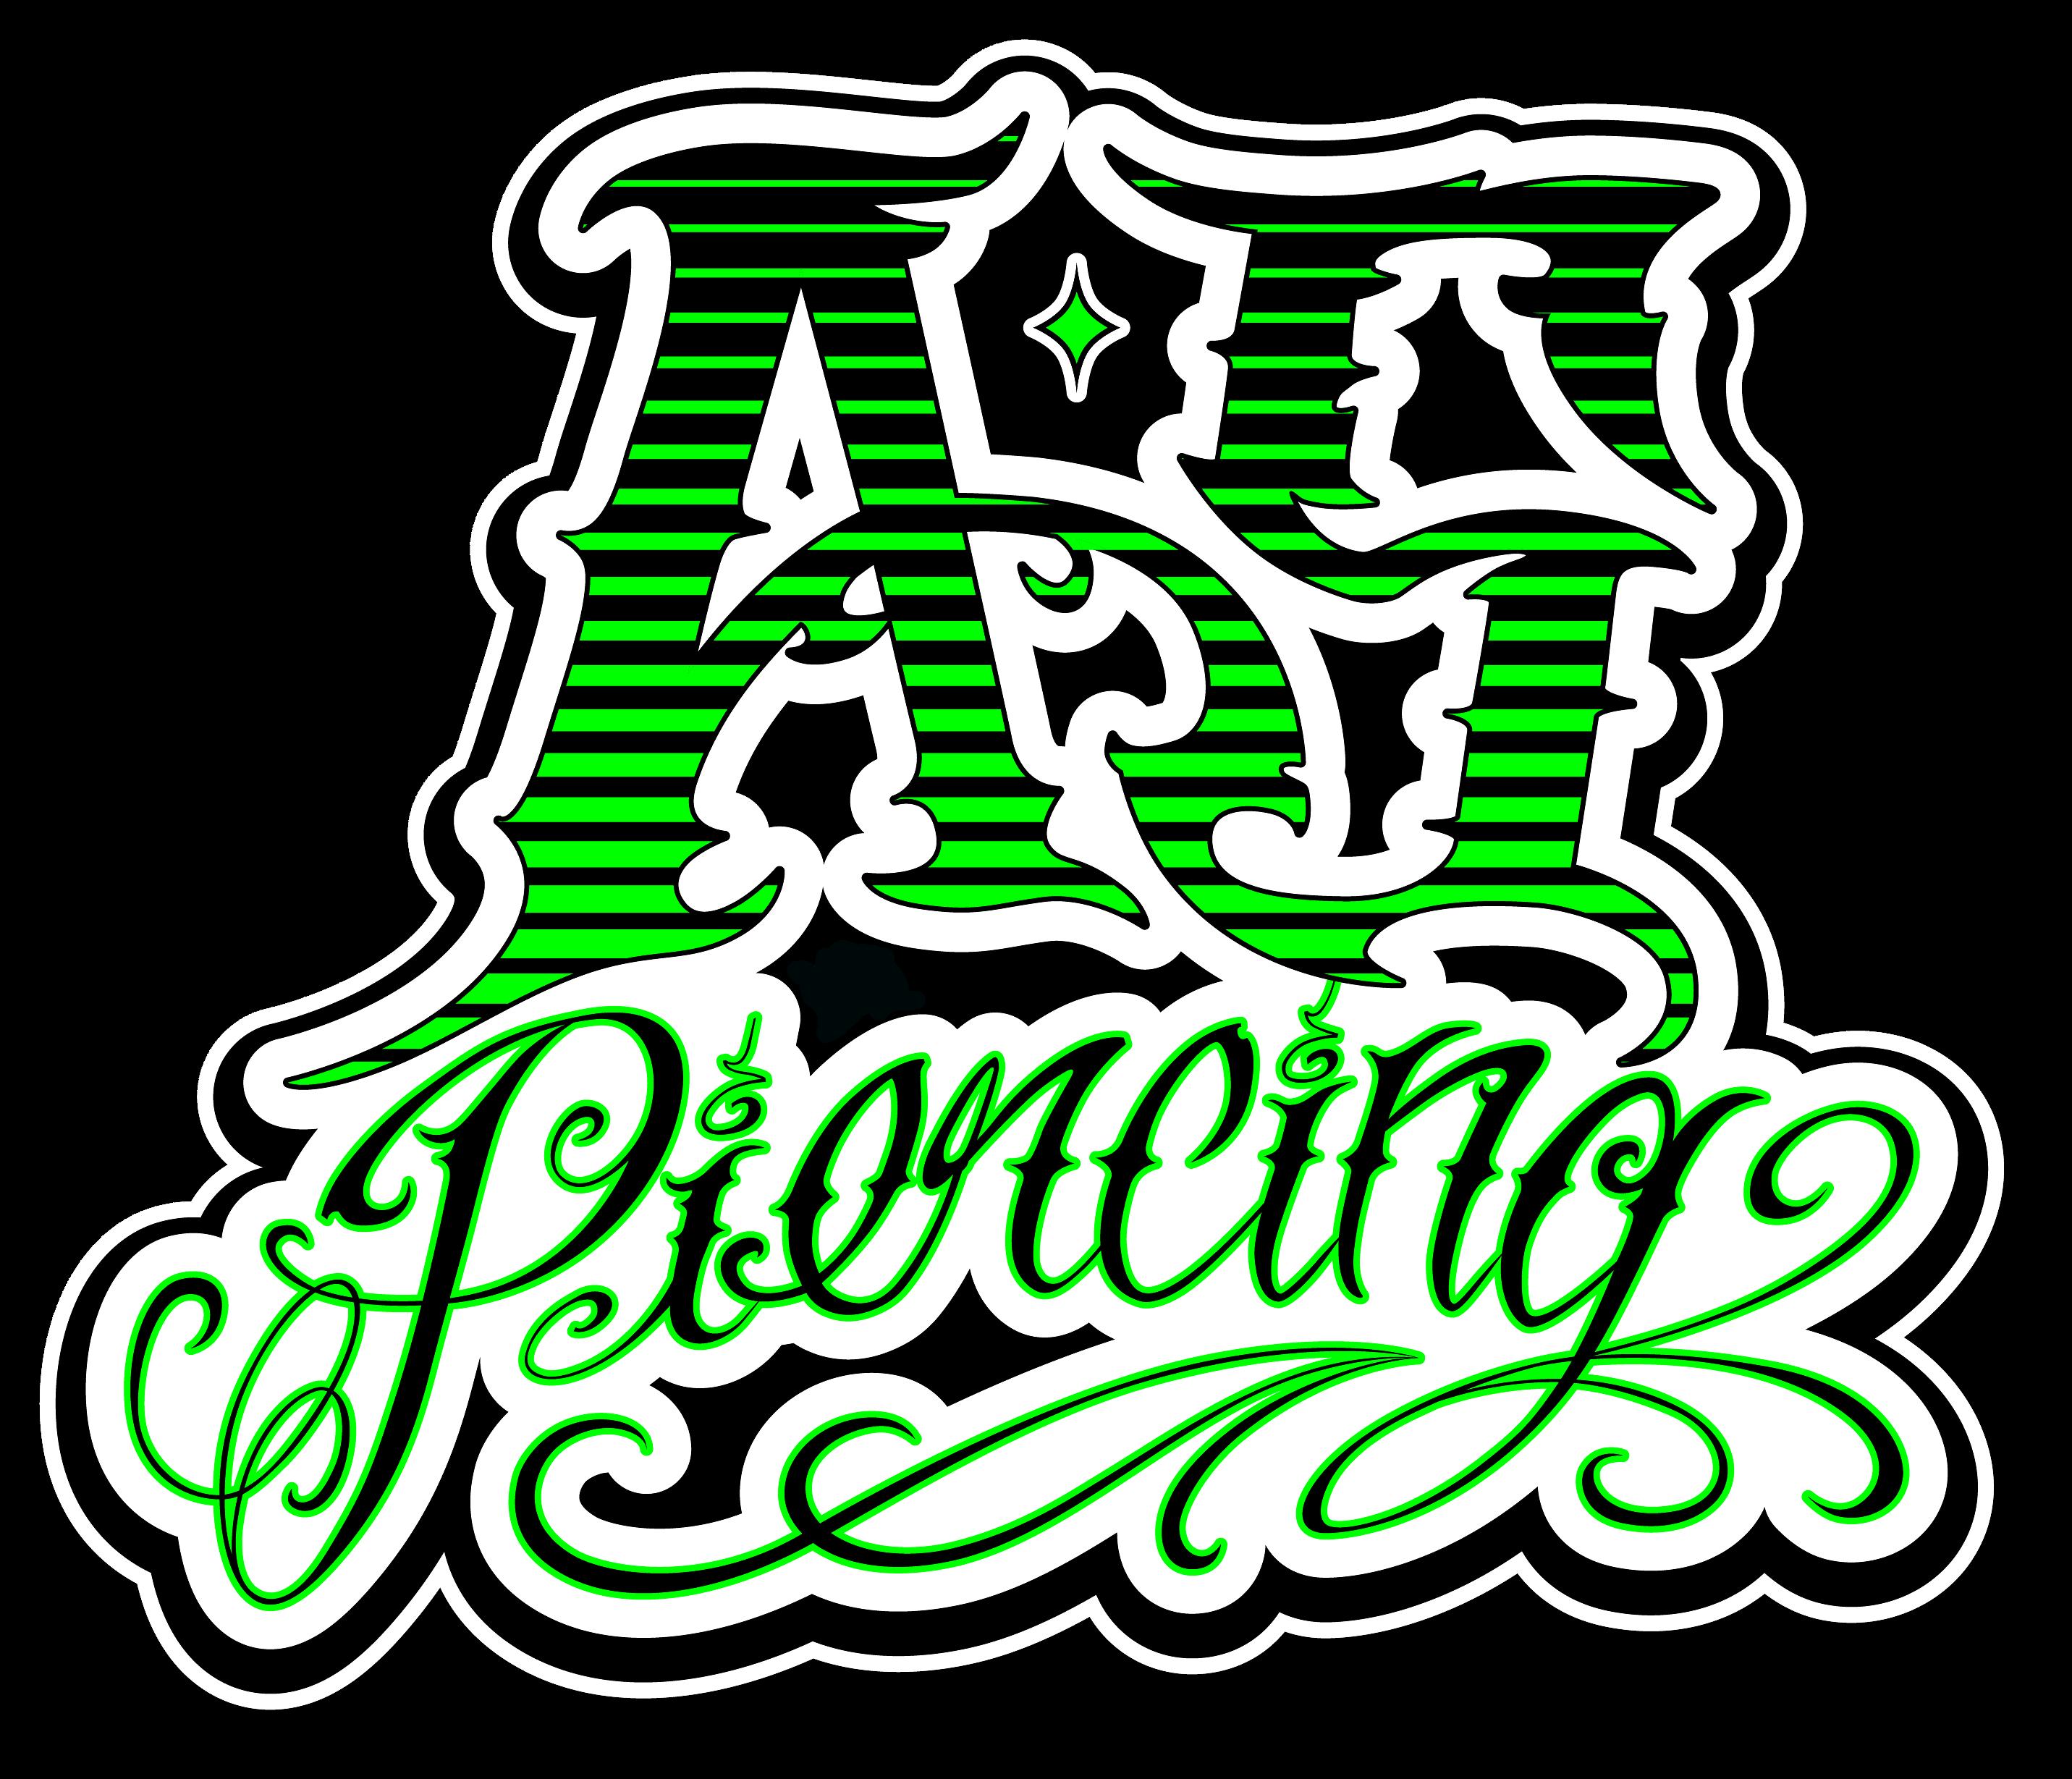 A.S. Piercing